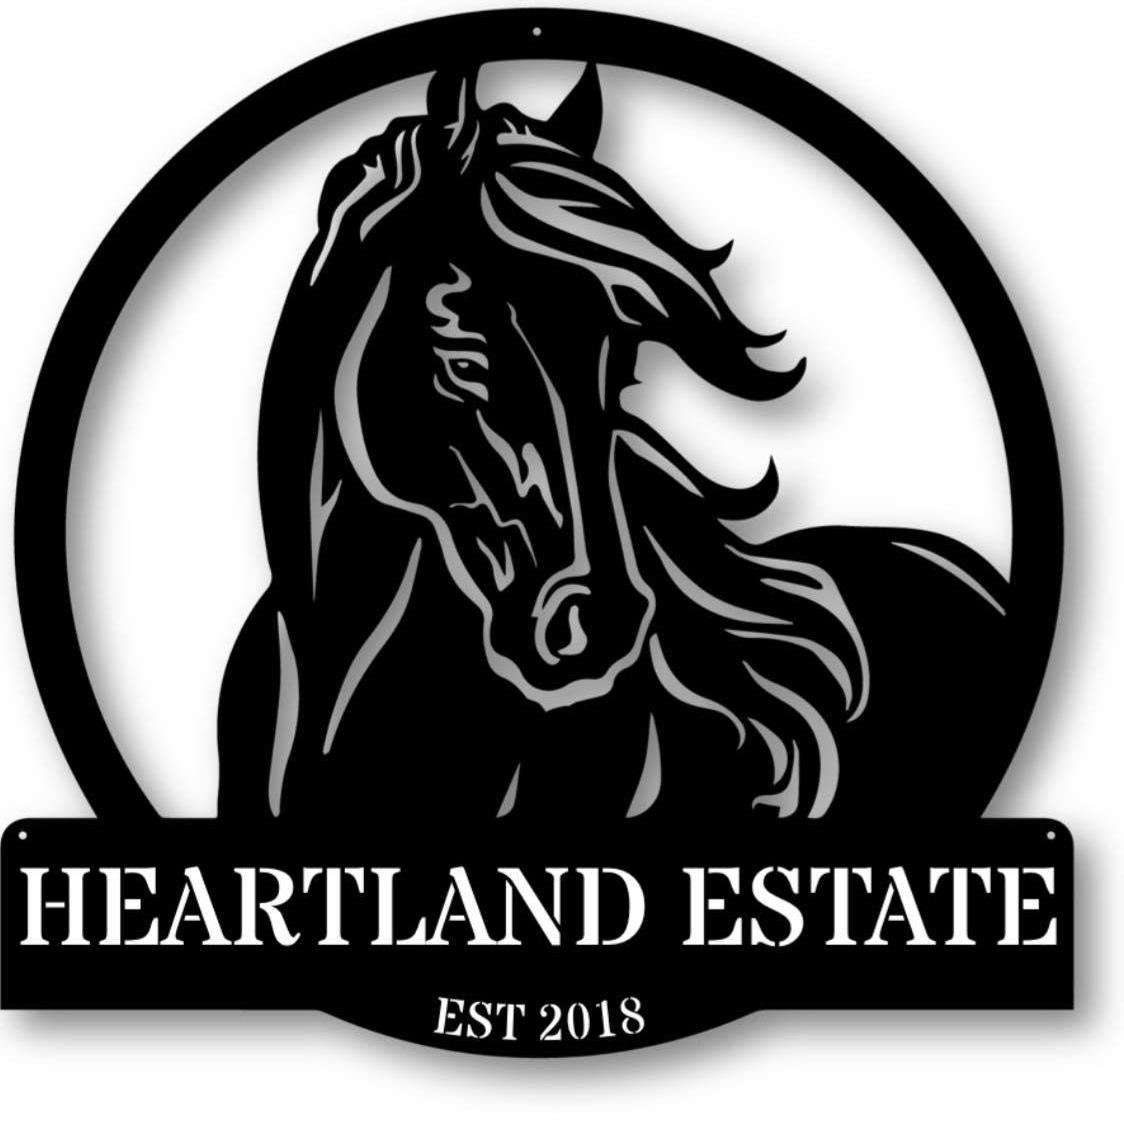 Heartland Estate | Stokes, NC 27884